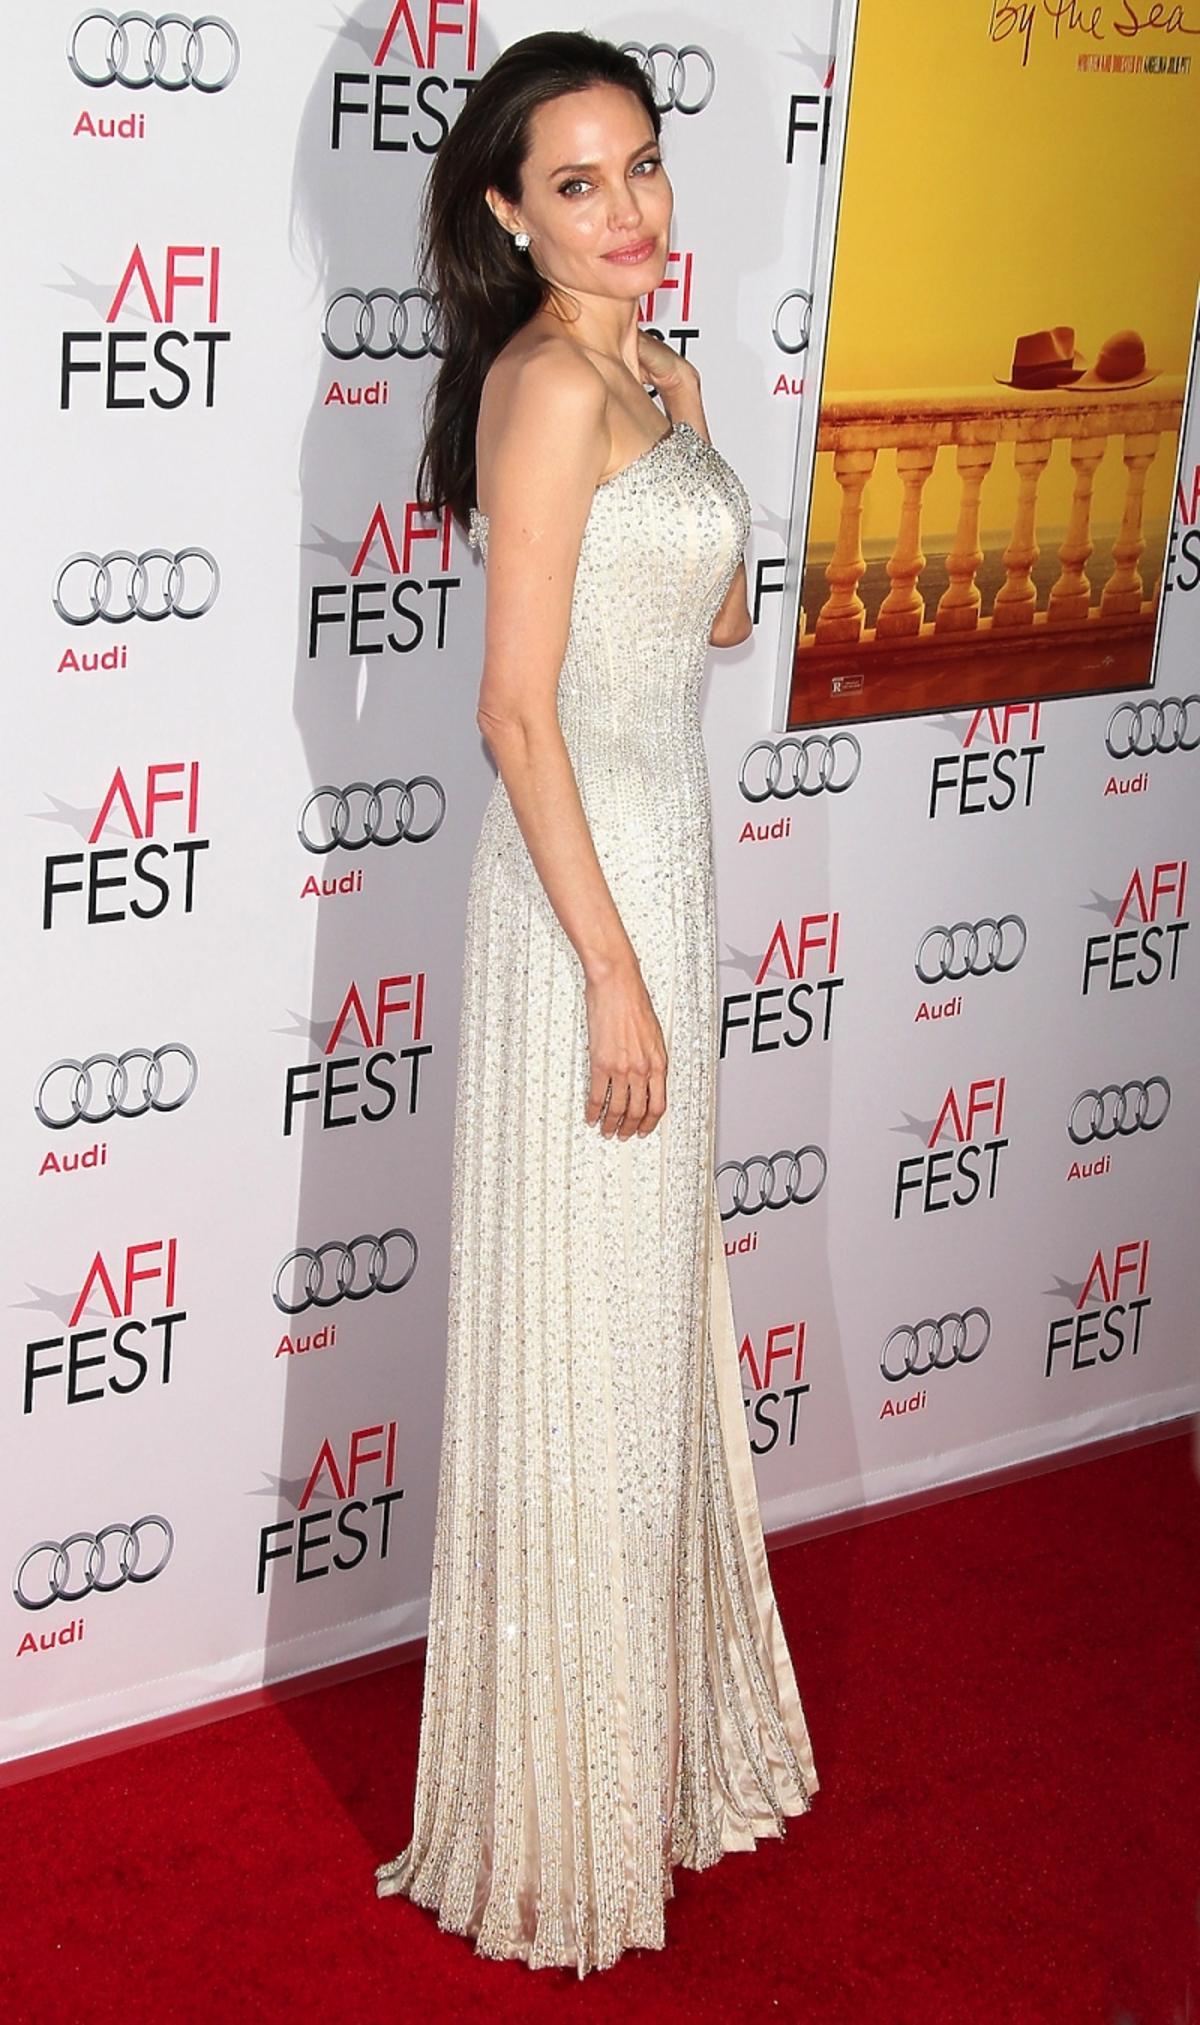 Angelina Jolie w błyszczącej kremowej sukni do ziemi